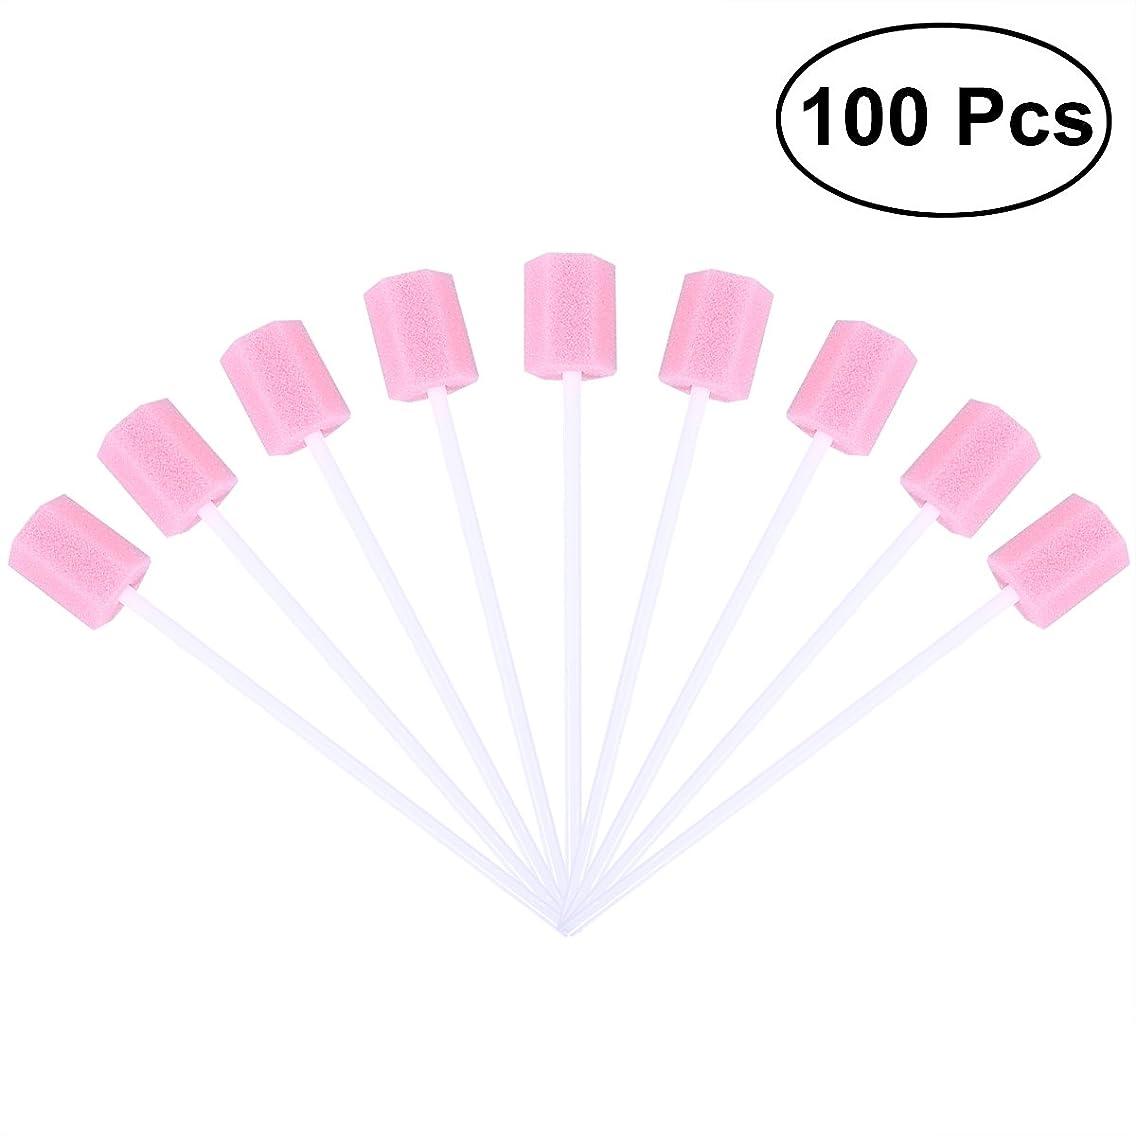 魔法ダイバー恥ずかしさROSENICE 口内スポンジブラシ 使い捨て 口腔ケア 100枚(ピンク)